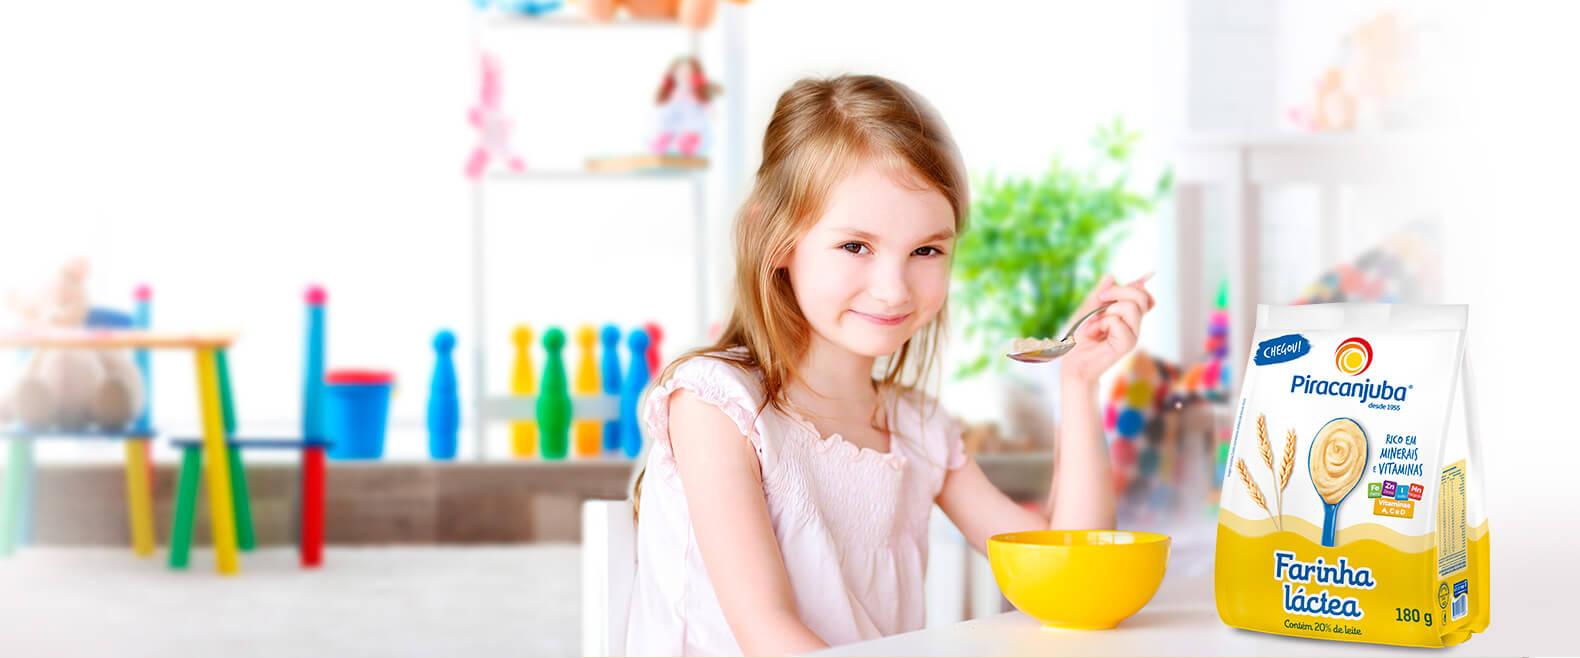 Farinha Láctea Piracanjuba, auxilia no crescimento e desenvolvimento das crianças